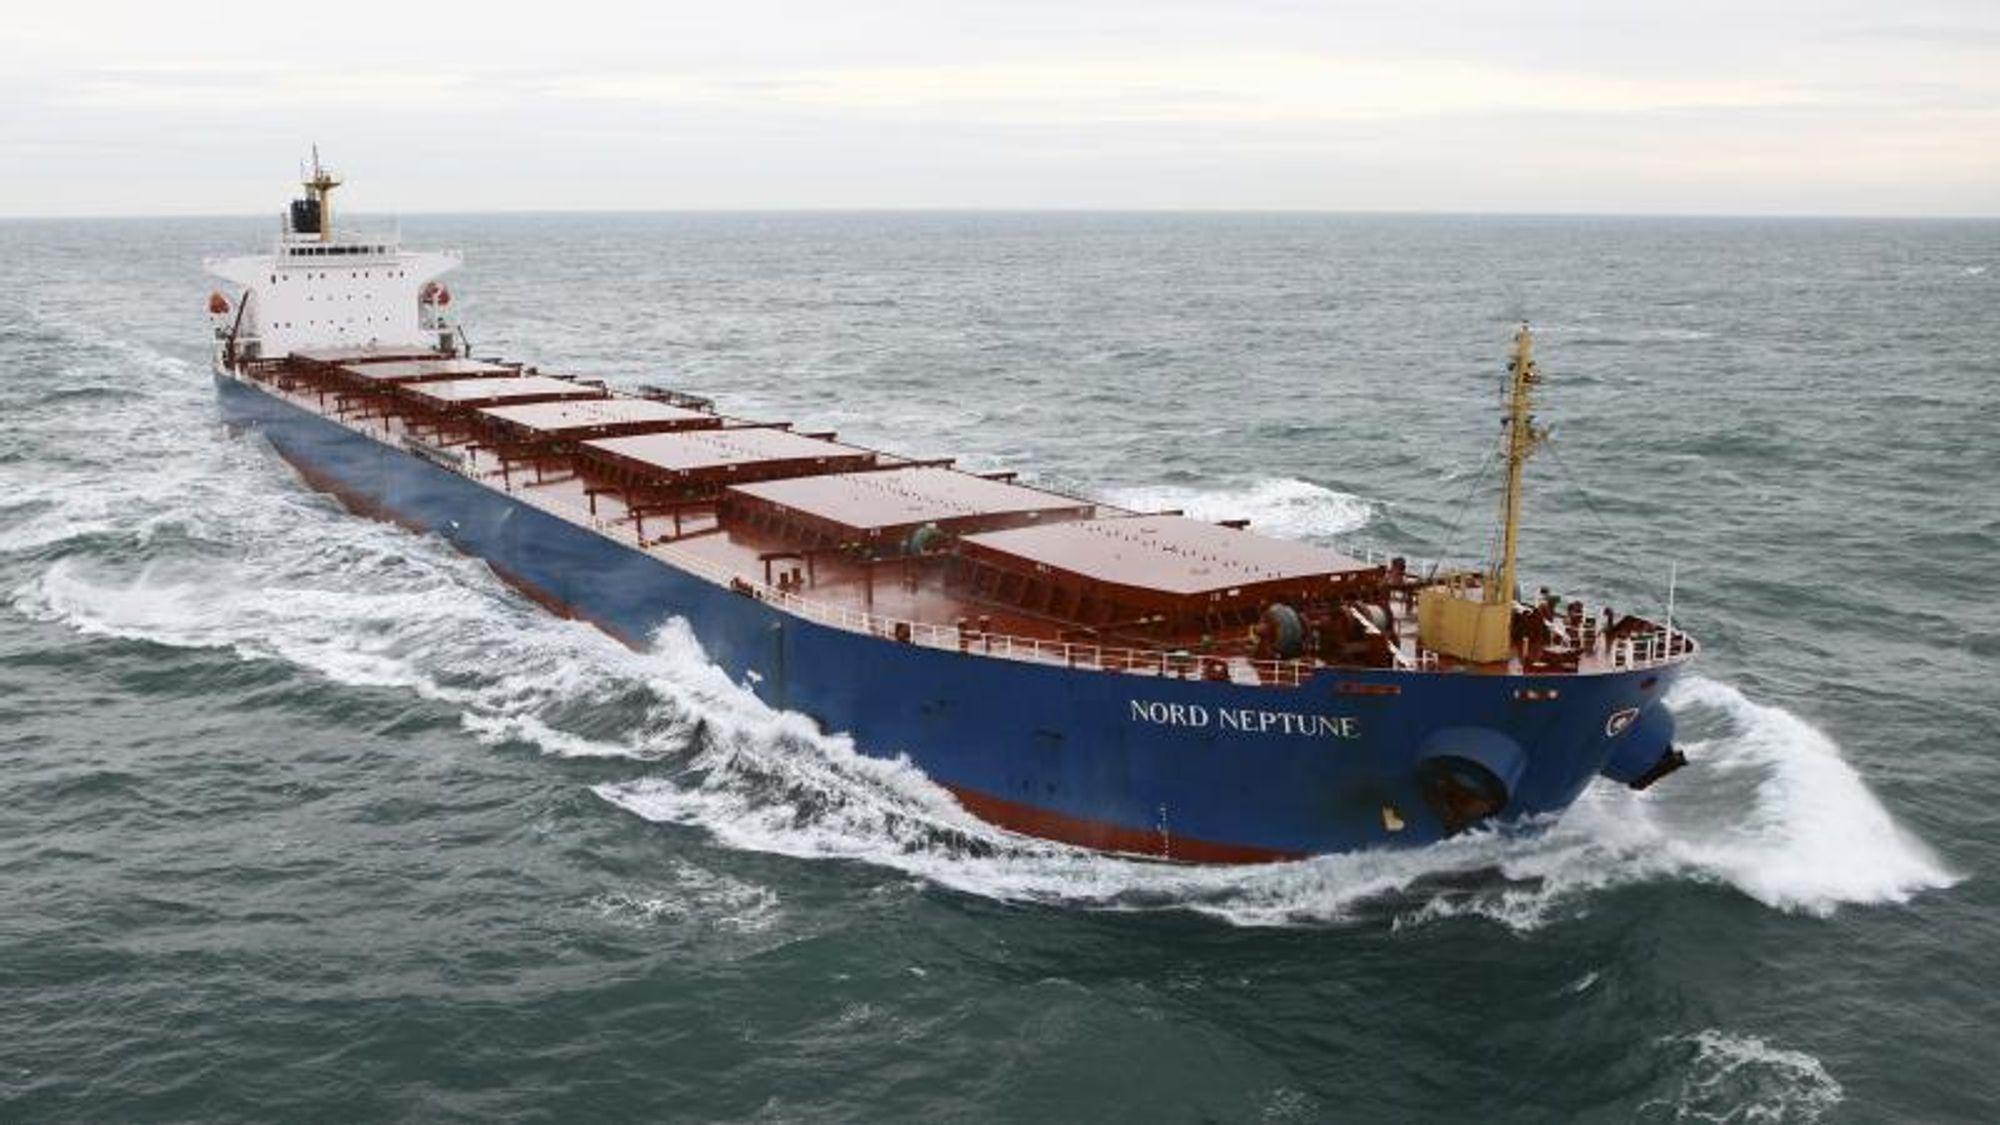 Dampskibsselskabet Norden er, som flere andre danske rederier, i full gang med å installere scrubbere på en del av flåten for å kunne seile på heavy fuel-olje, etter at de nye svovelkravene fra IMO trer i kraft fra nyttår.